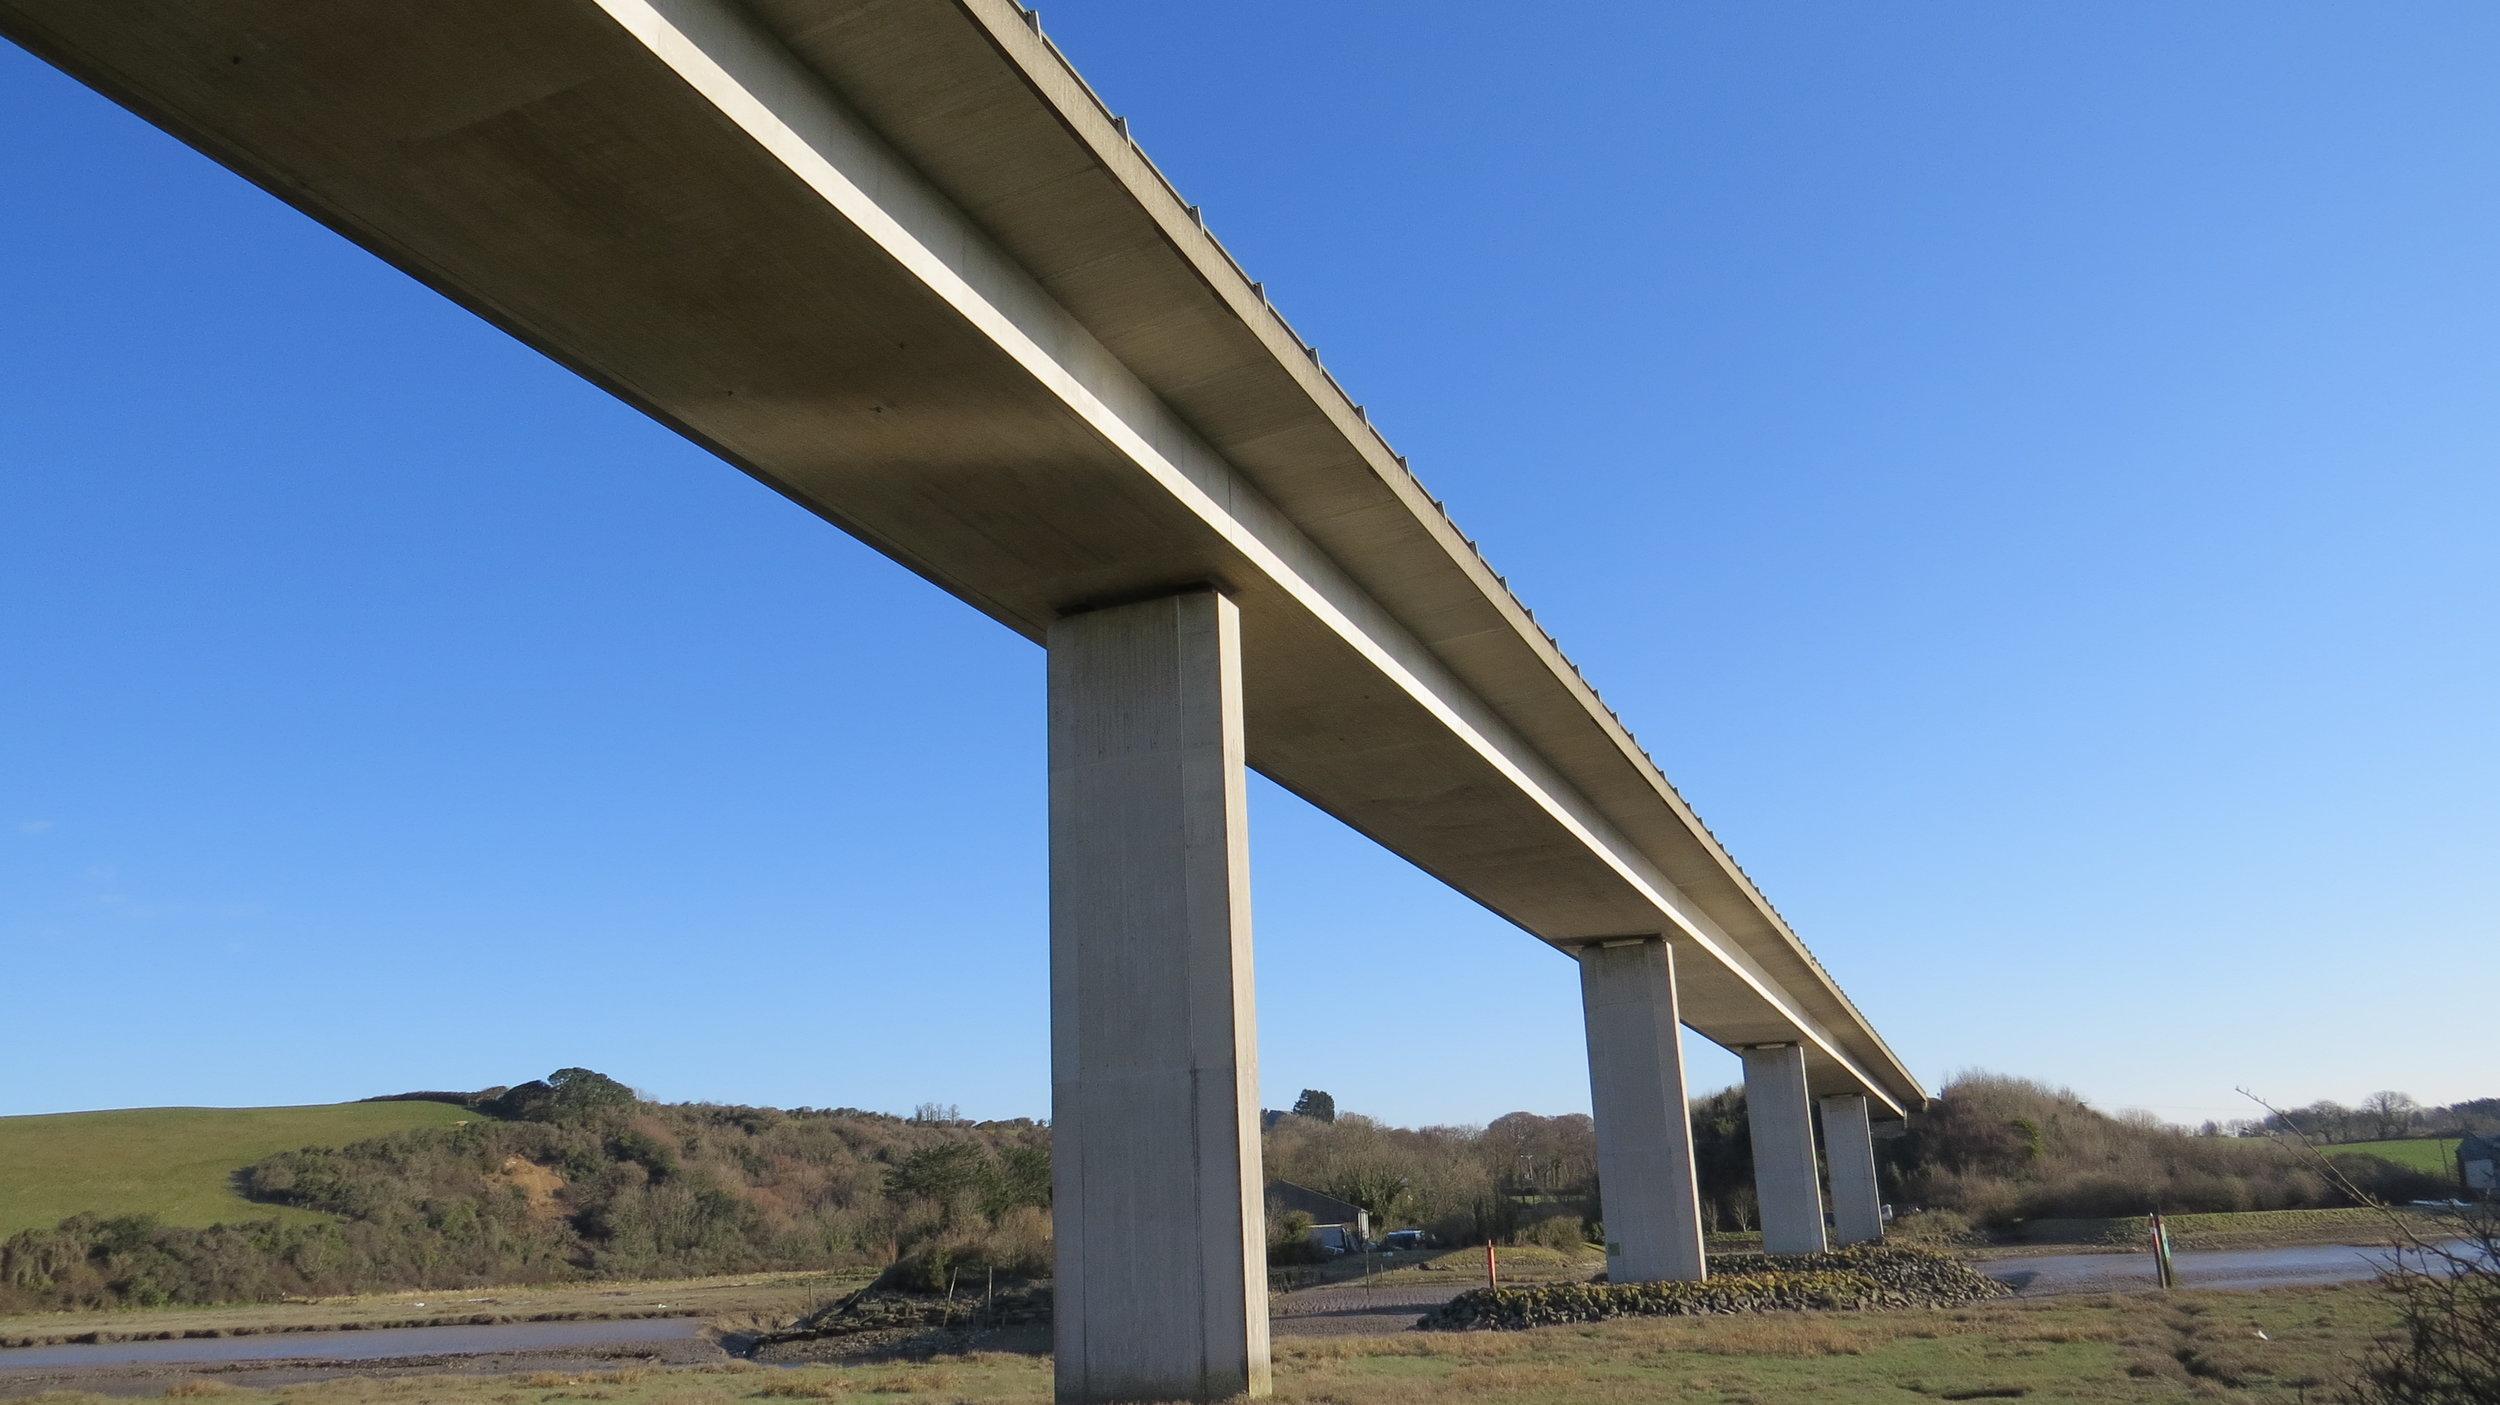 A39 Bridge over Camel